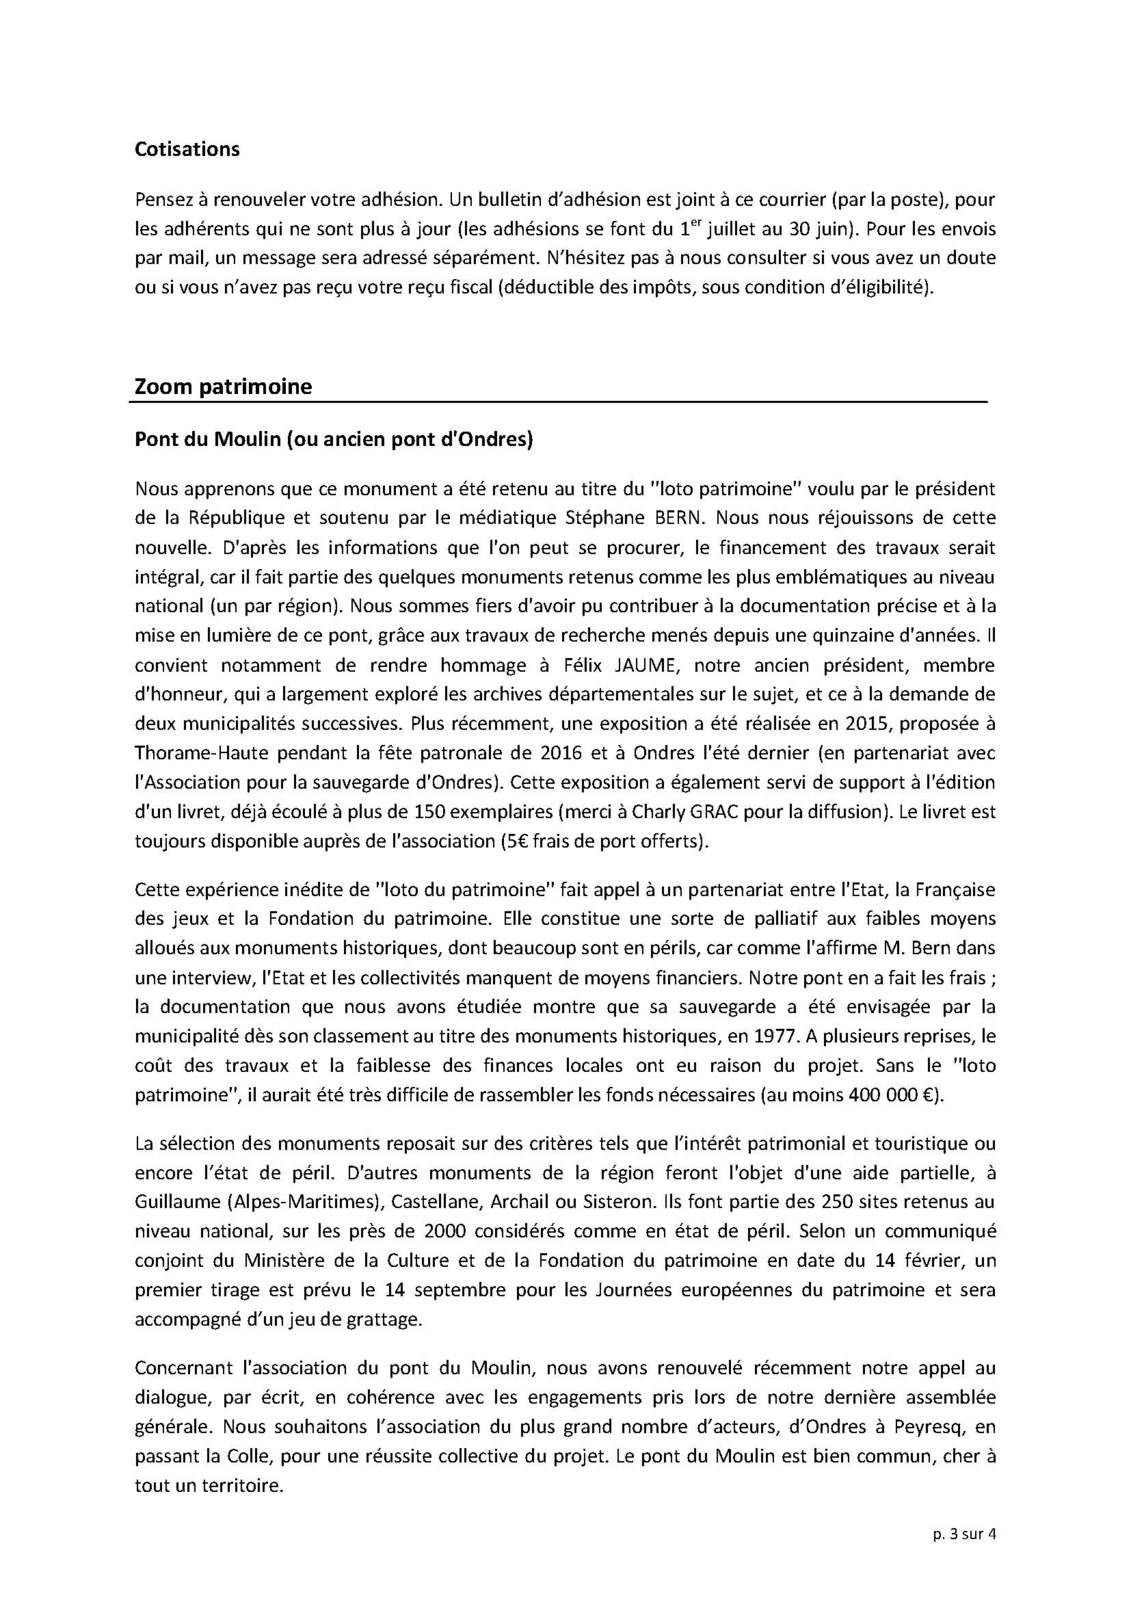 La Lettre d'information de l'Association du patrimoine de Thorame Haute du mois de mai